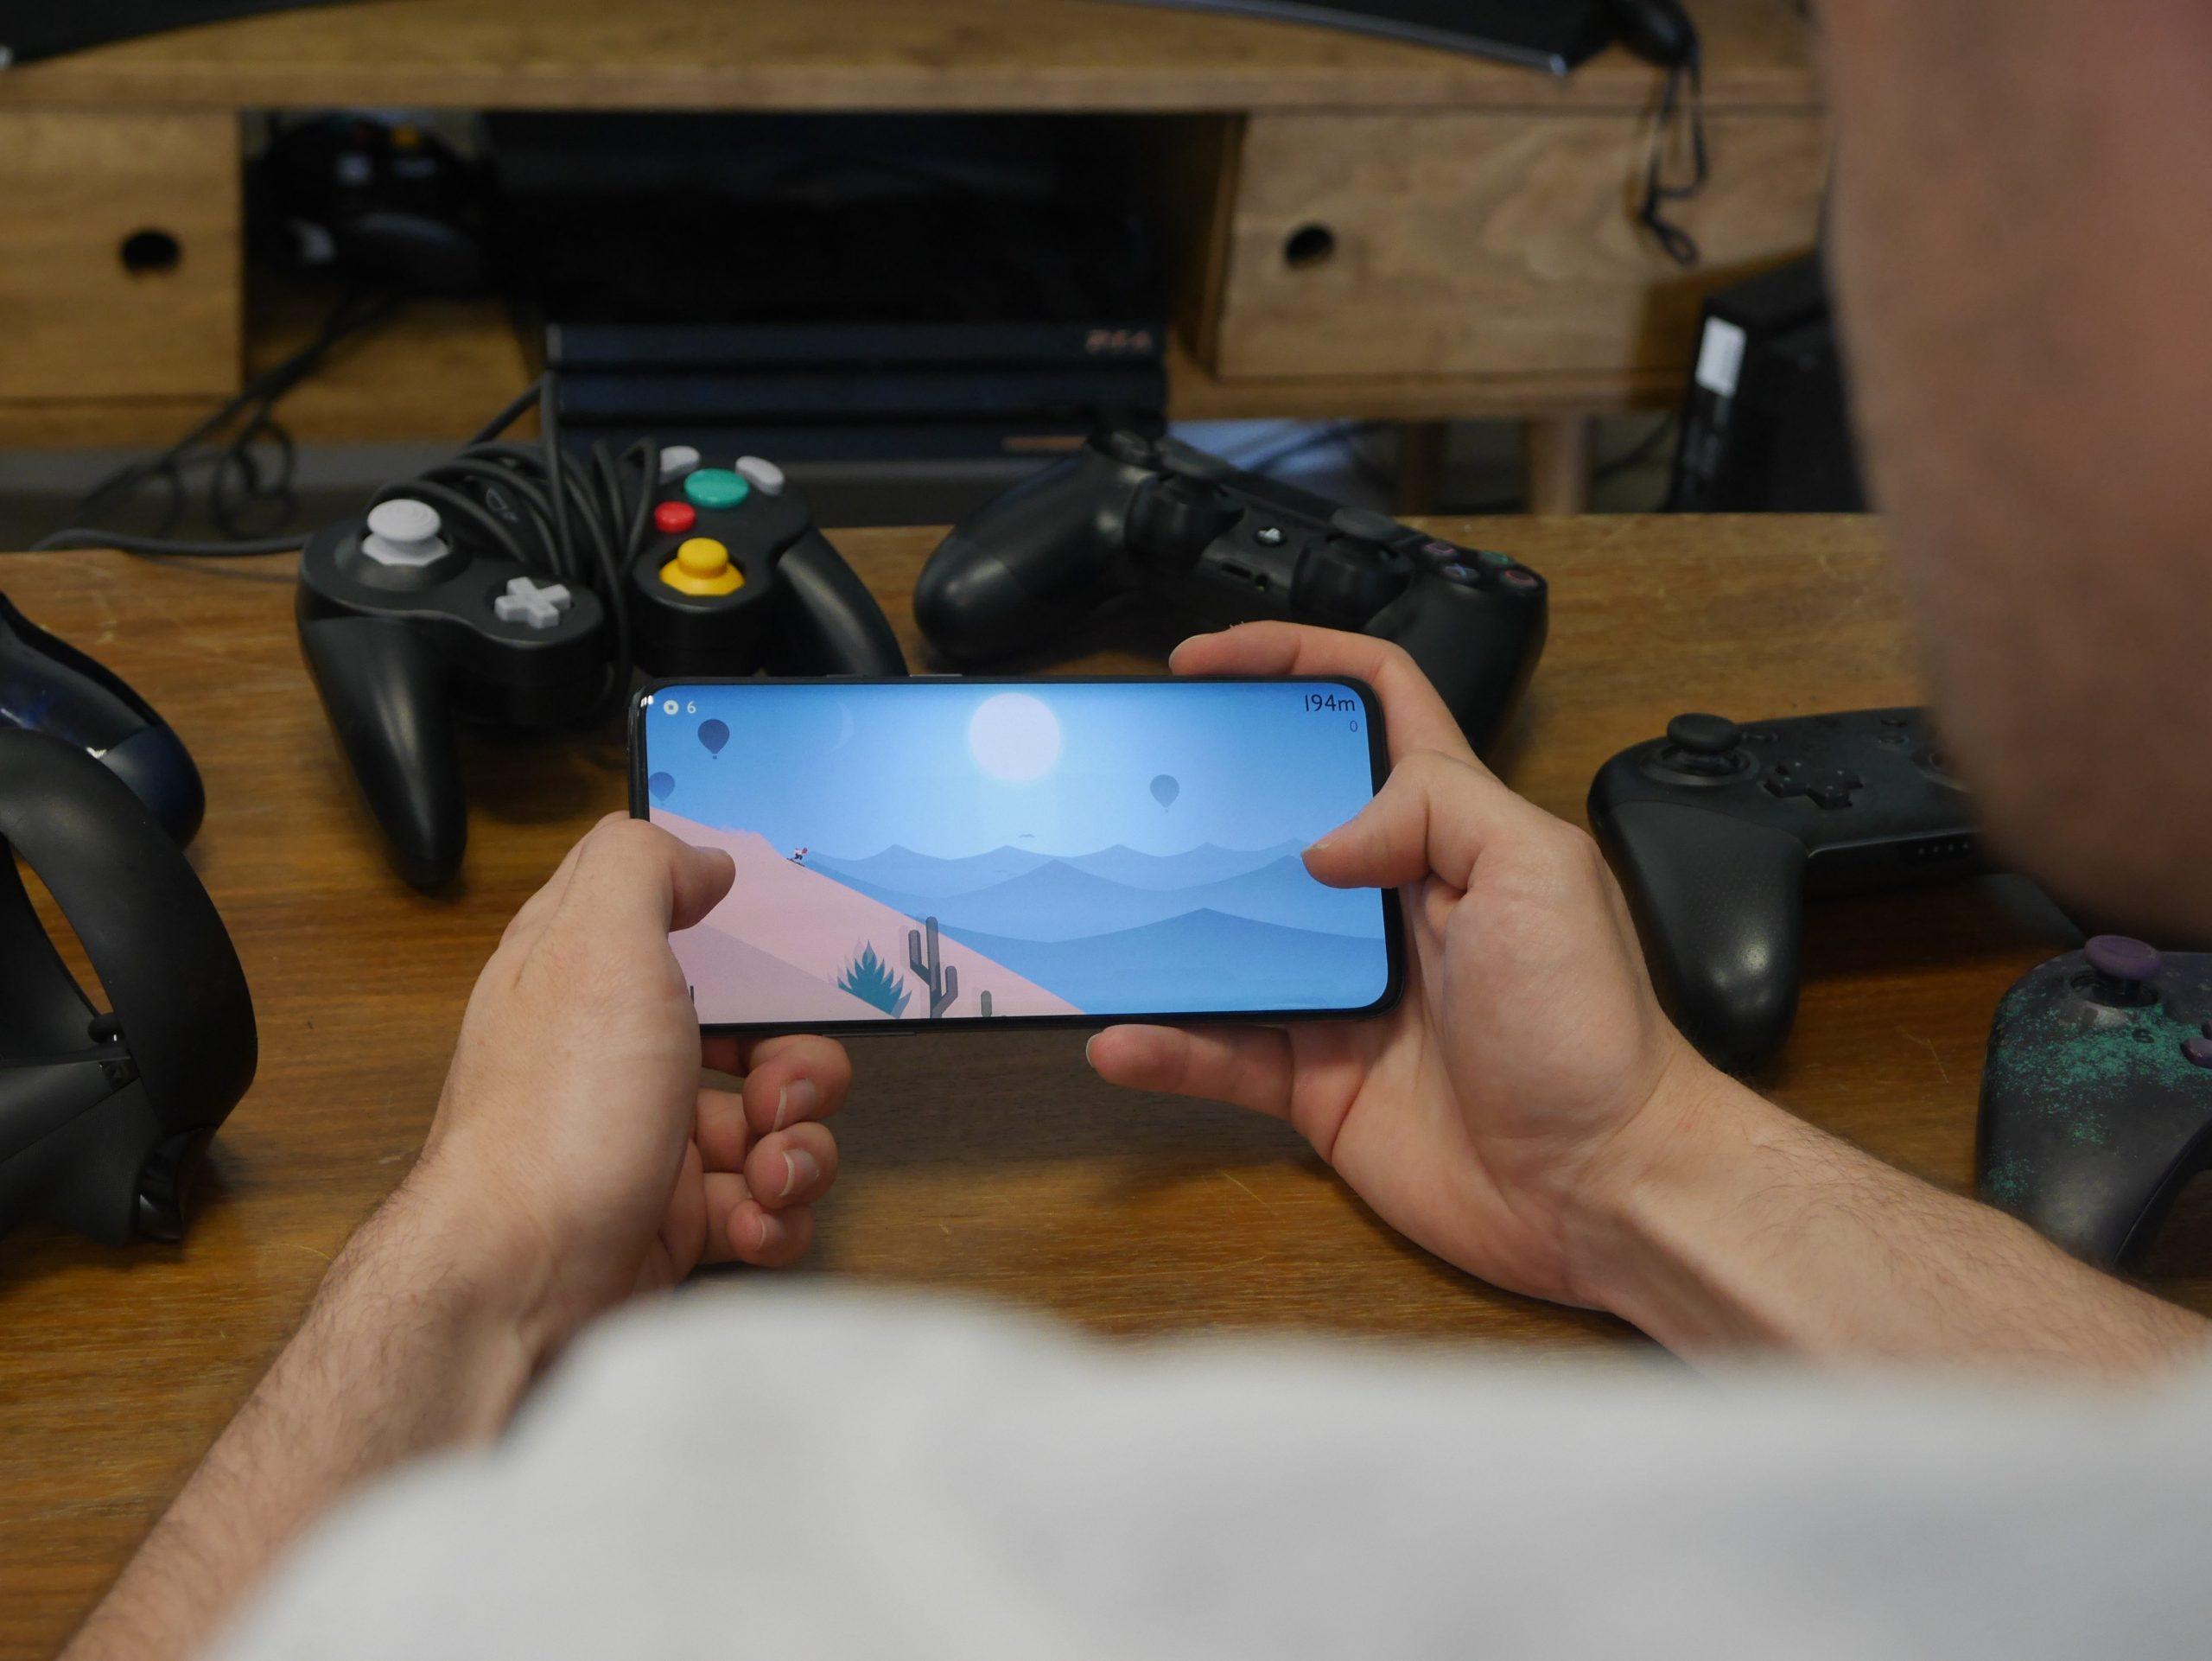 Les Meilleurs Jeux Gratuits Sur Android En 2020 intérieur Jeux En Ligne Tout Petit